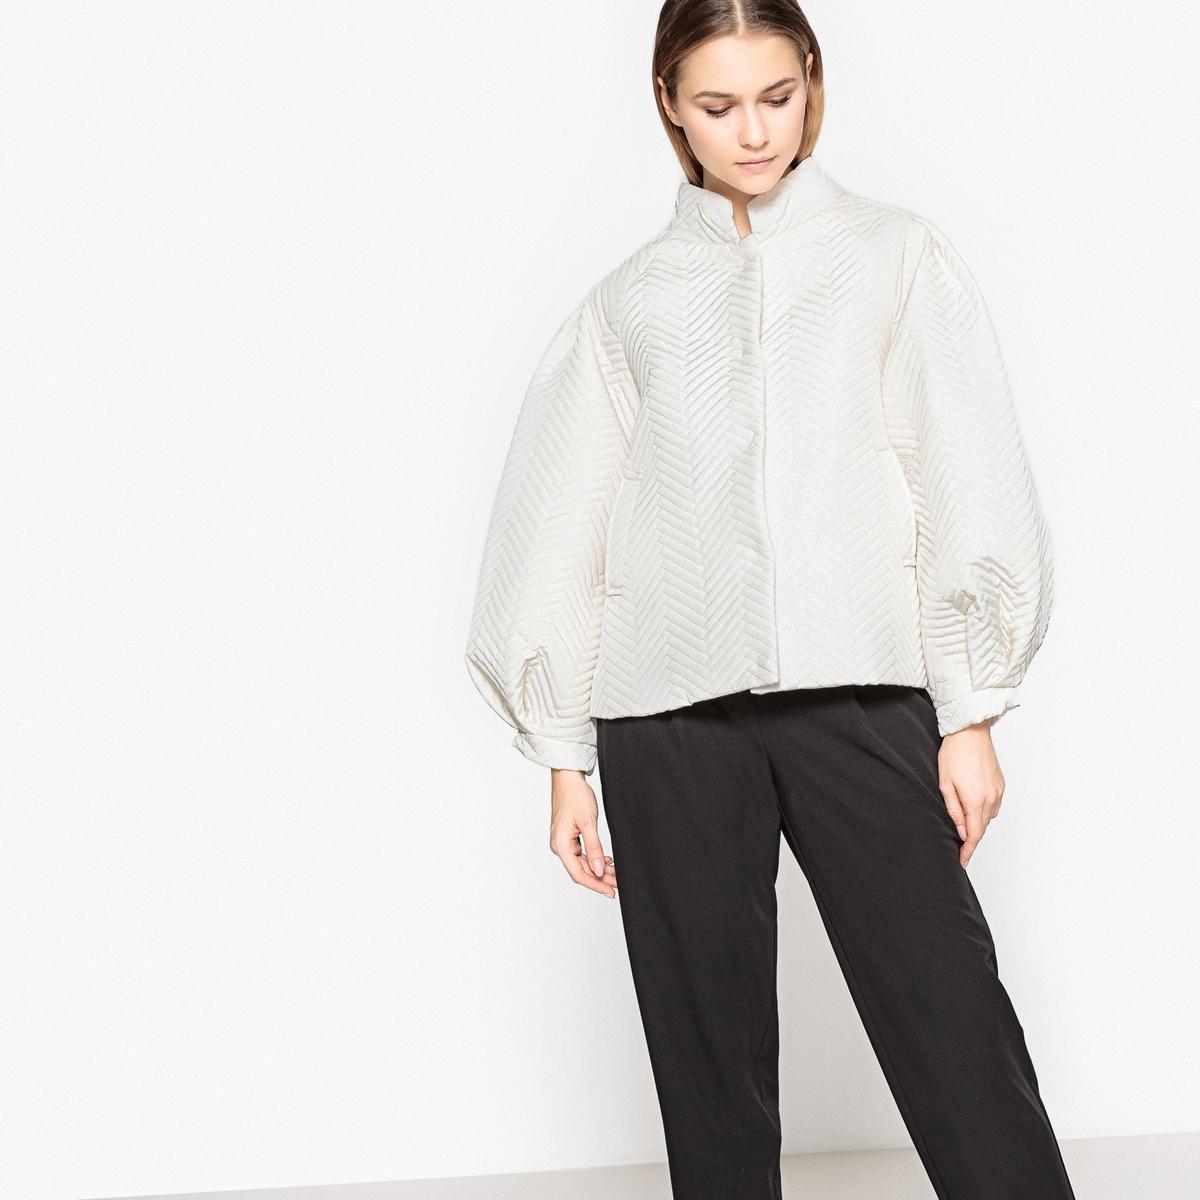 Куртка женская оверсайз с напускными рукавамиНеординарная куртка с оригинальным покроем . Очень красивый объем и напускные рукава. Идеальна для межсезонья .Детали •  Длина : укороченная •  Воротник-стойка •  Застежка на кнопкиСостав и уход •  12% полиамида, 88% полиэстера •  Подкладка : 100% полиэстер •  Температура стирки 30° •  Деликатная чистка/без отбеливателей • Барабанная сушка на деликатном режиме   •  Не гладить •  Длина : 62 см<br><br>Цвет: слоновая кость<br>Размер: 34 (FR) - 40 (RUS).38 (FR) - 44 (RUS).36 (FR) - 42 (RUS)